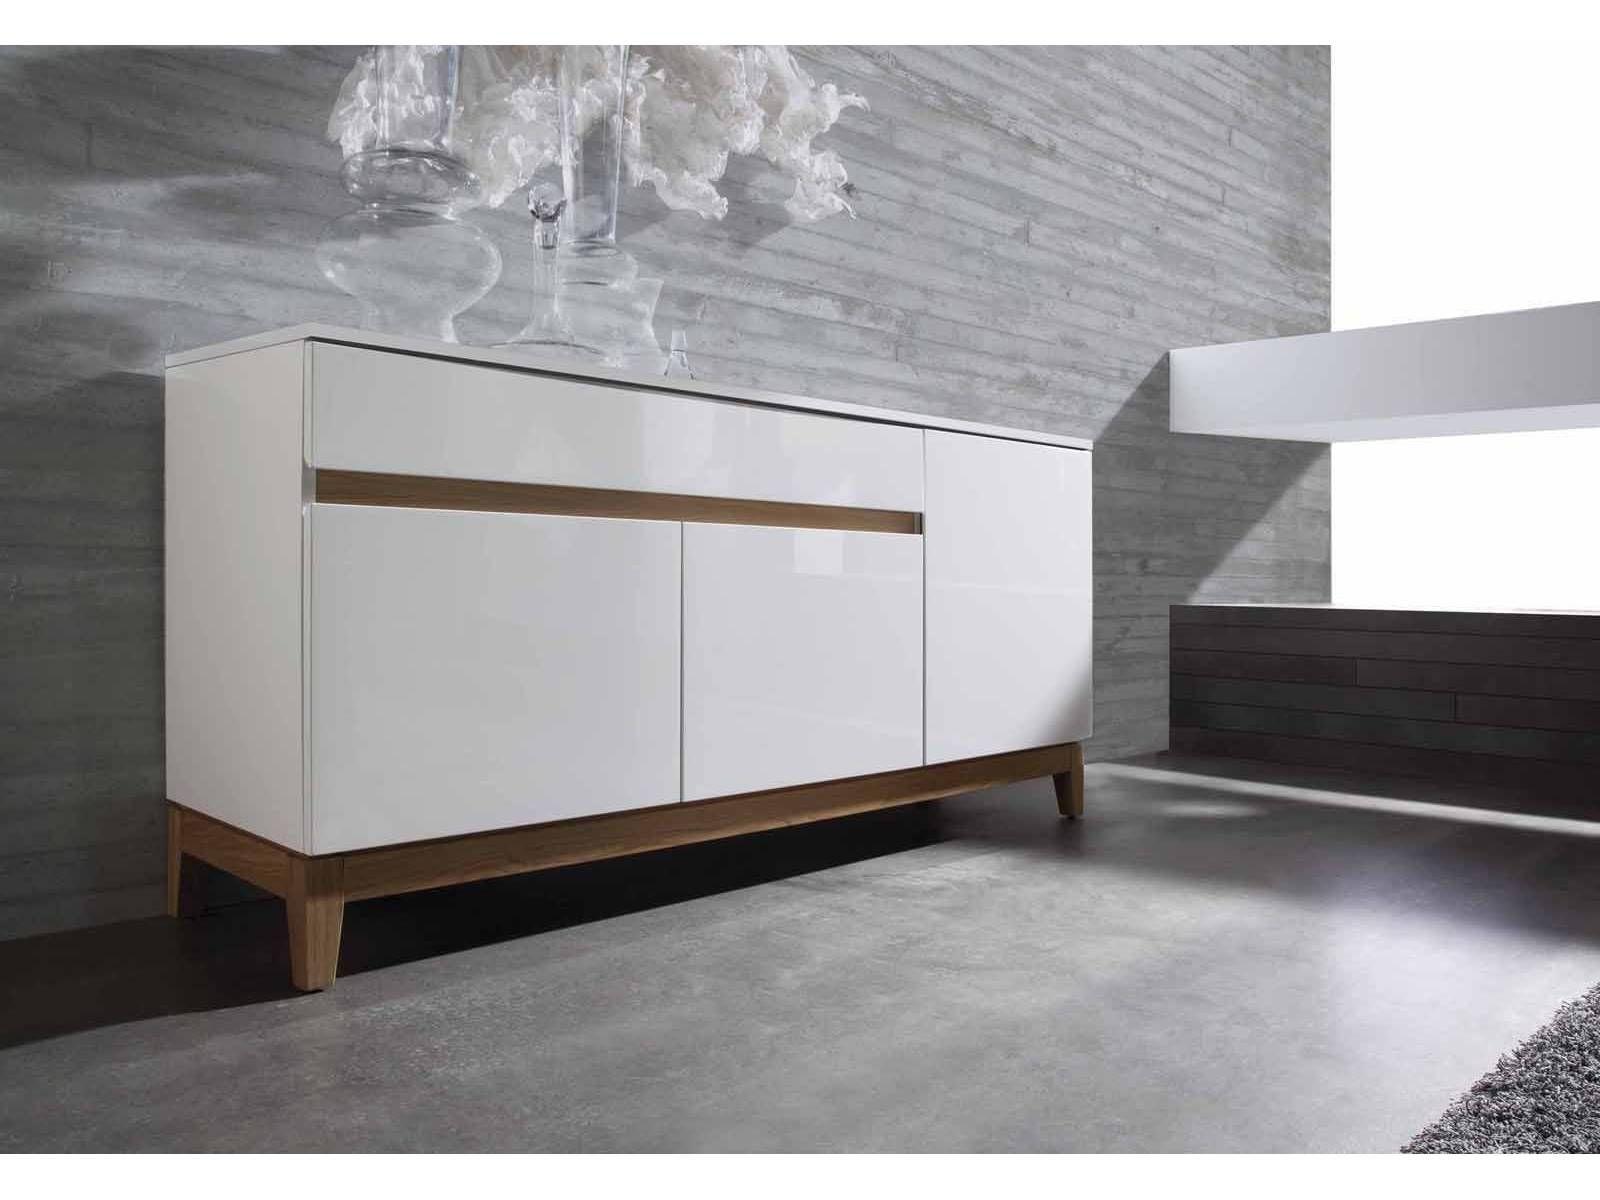 Aparador Moderno Lacado Blanco Alto Brillo M E S A S Pinterest  # Muebles Lacados En Blanco Baratos